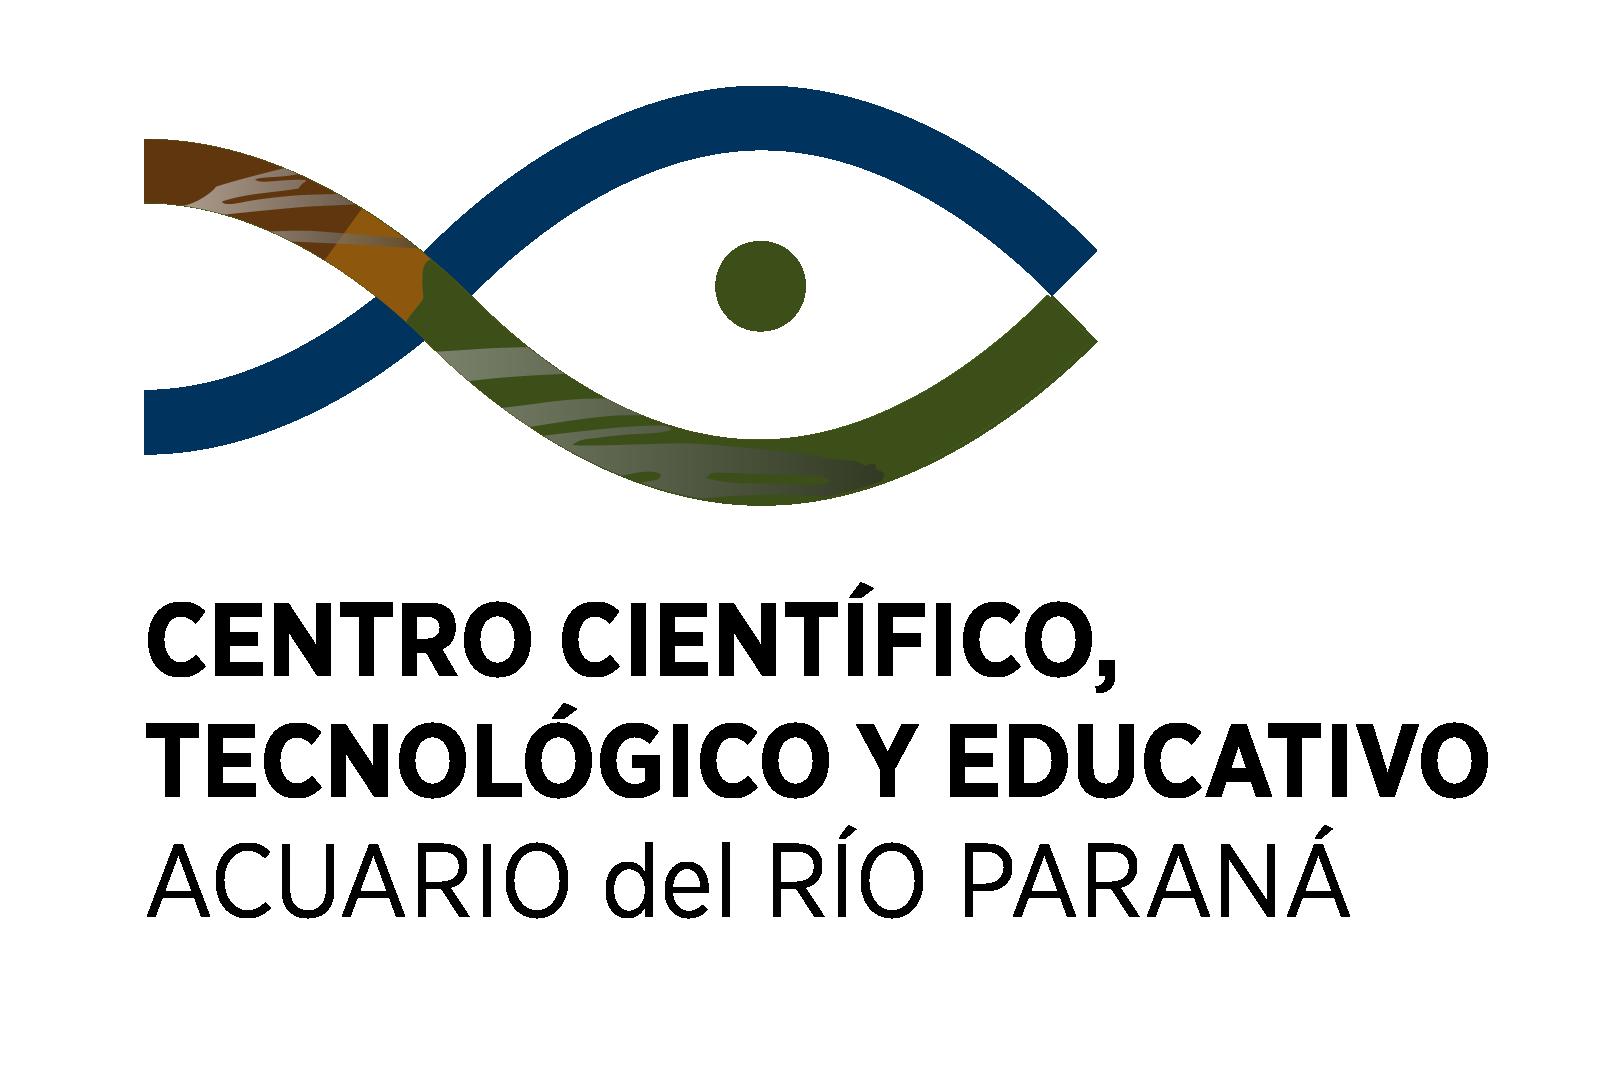 Acuario del Río Paraná